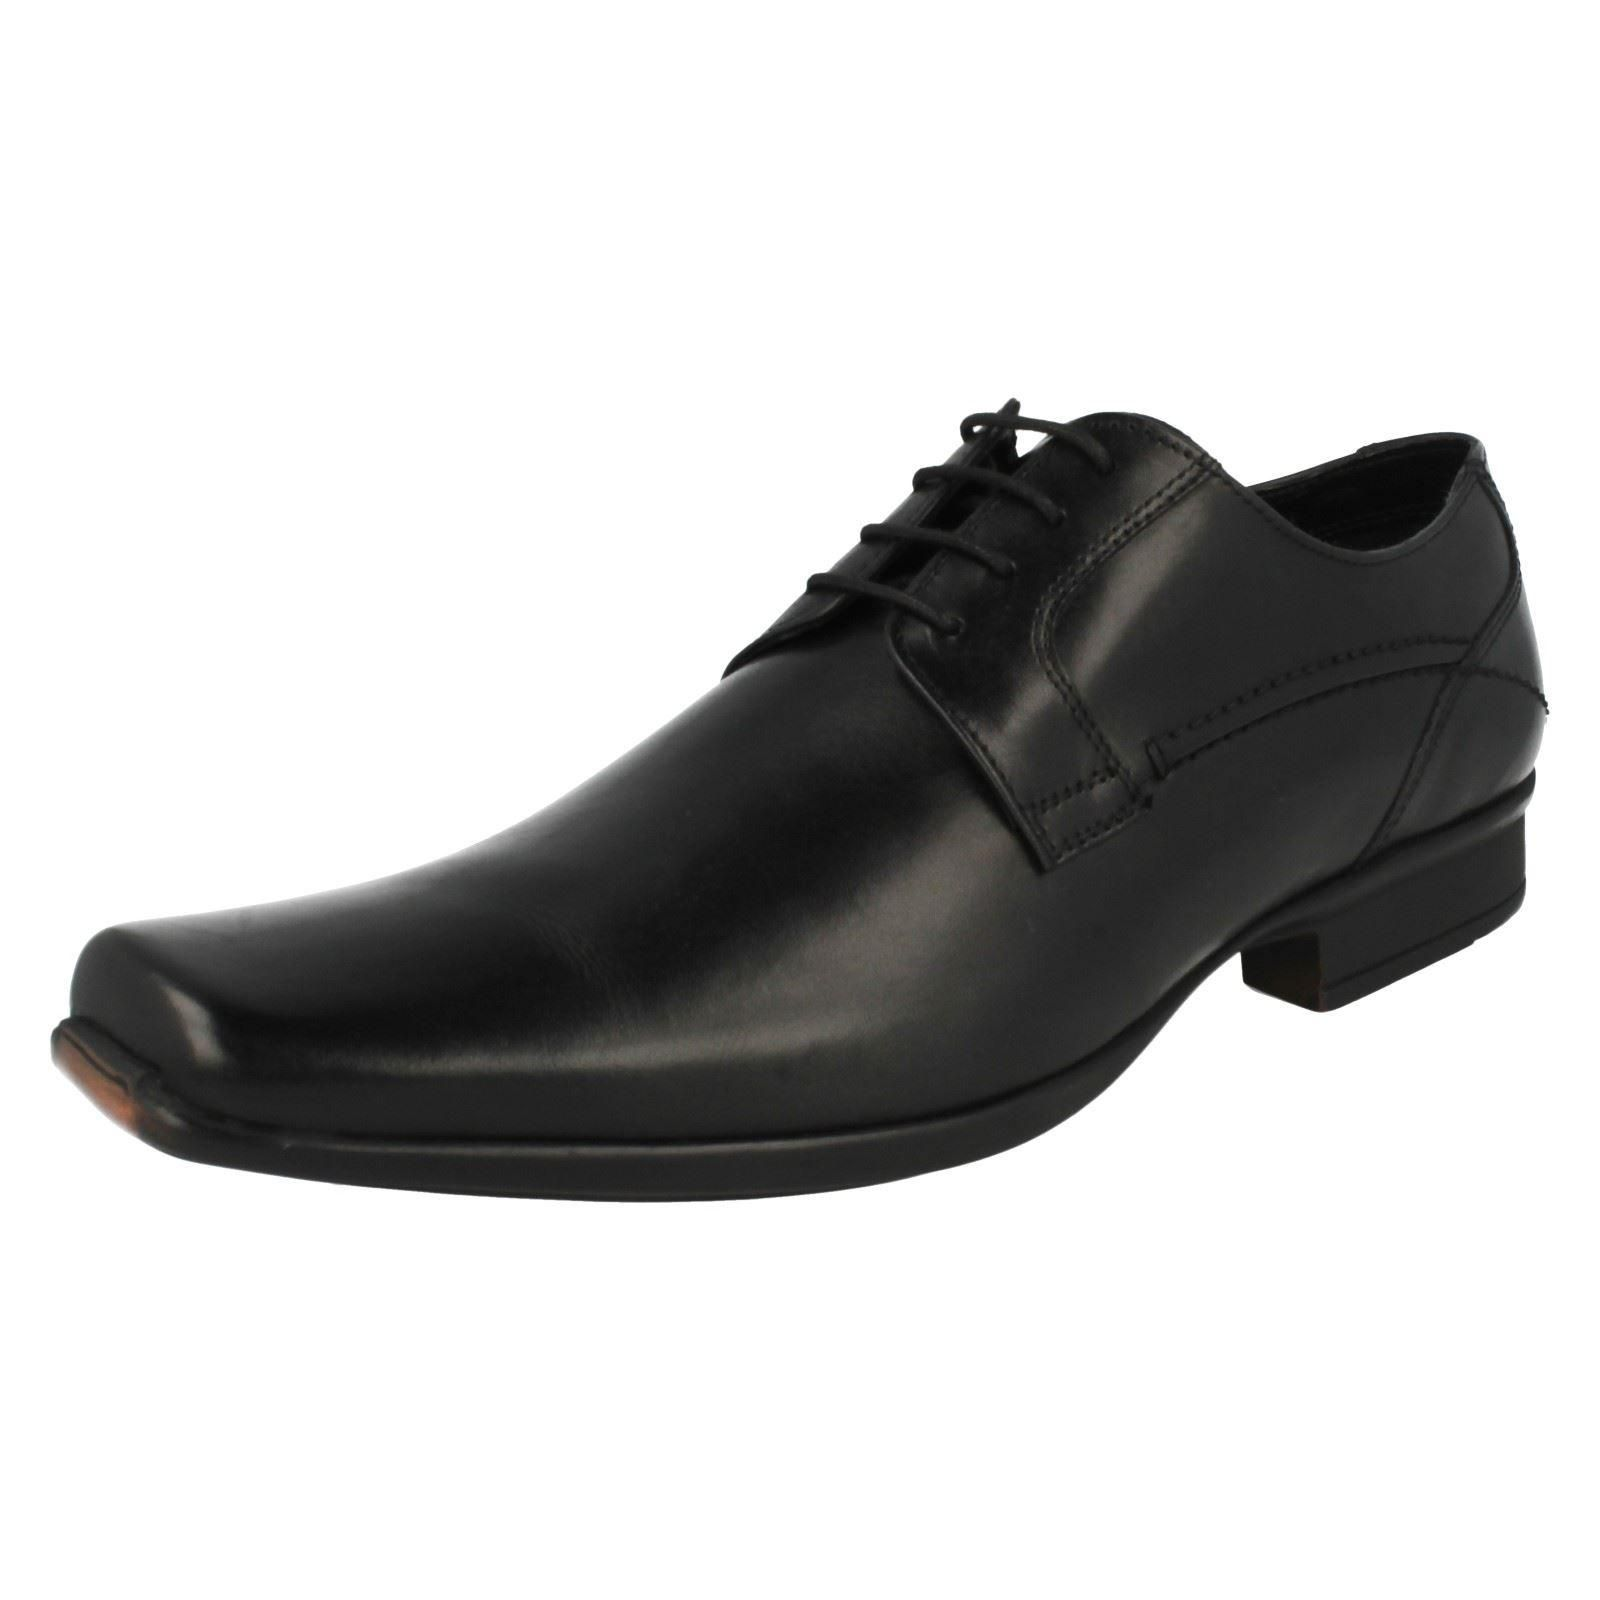 con hombre Zapatos cordones negros formales para Walk Clarks Ascar xvvWwTqZRU